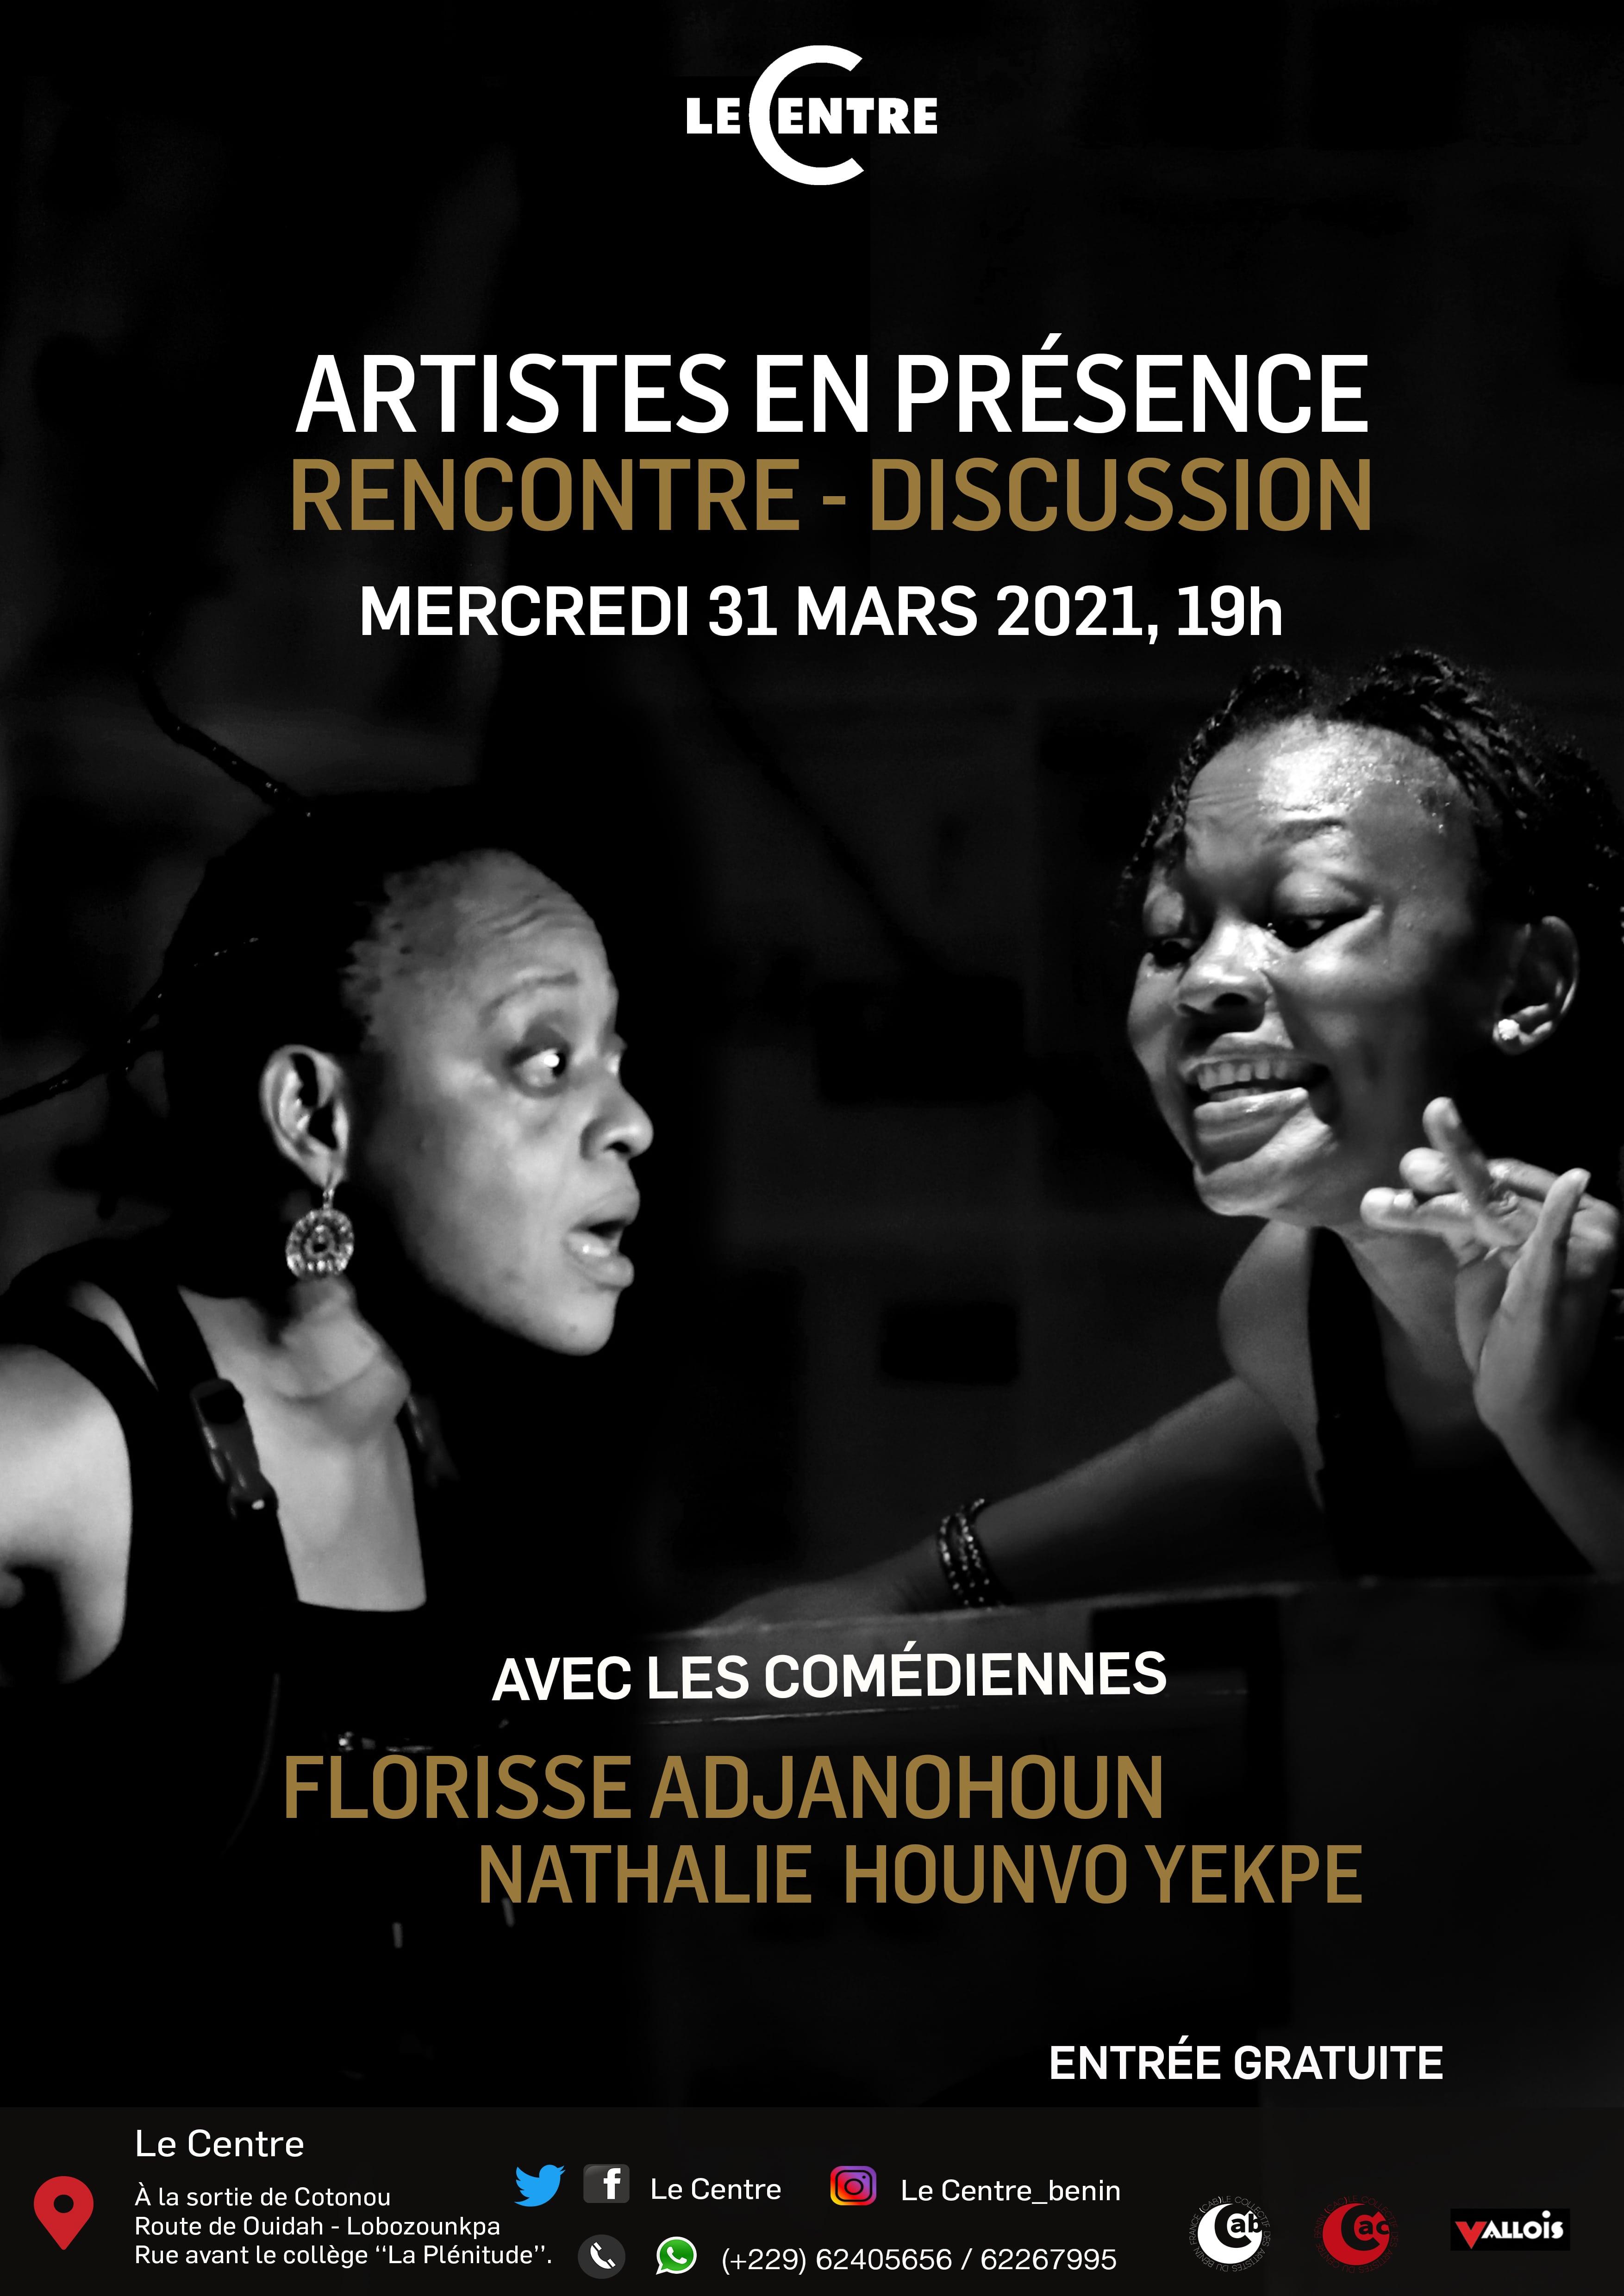 Artistes en présence, N. Hounvo Yekpe et F. Adjanohoun